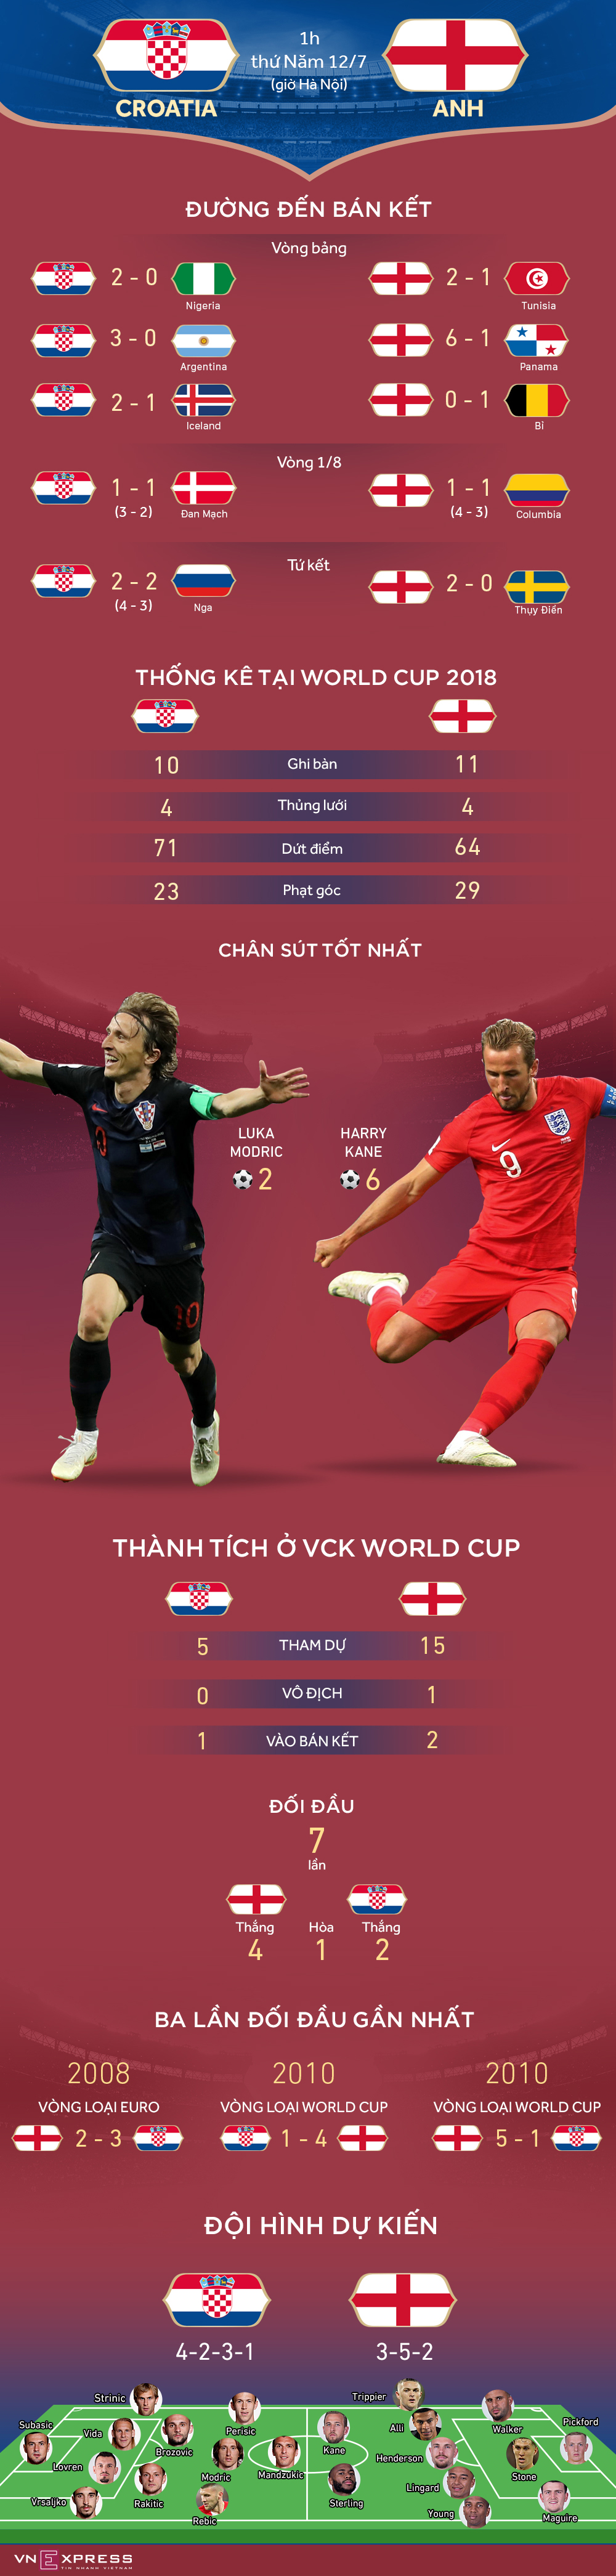 Croatia - Anh: Hàng tiền vệ đẳng cấp đấu sát thủ săn bàn